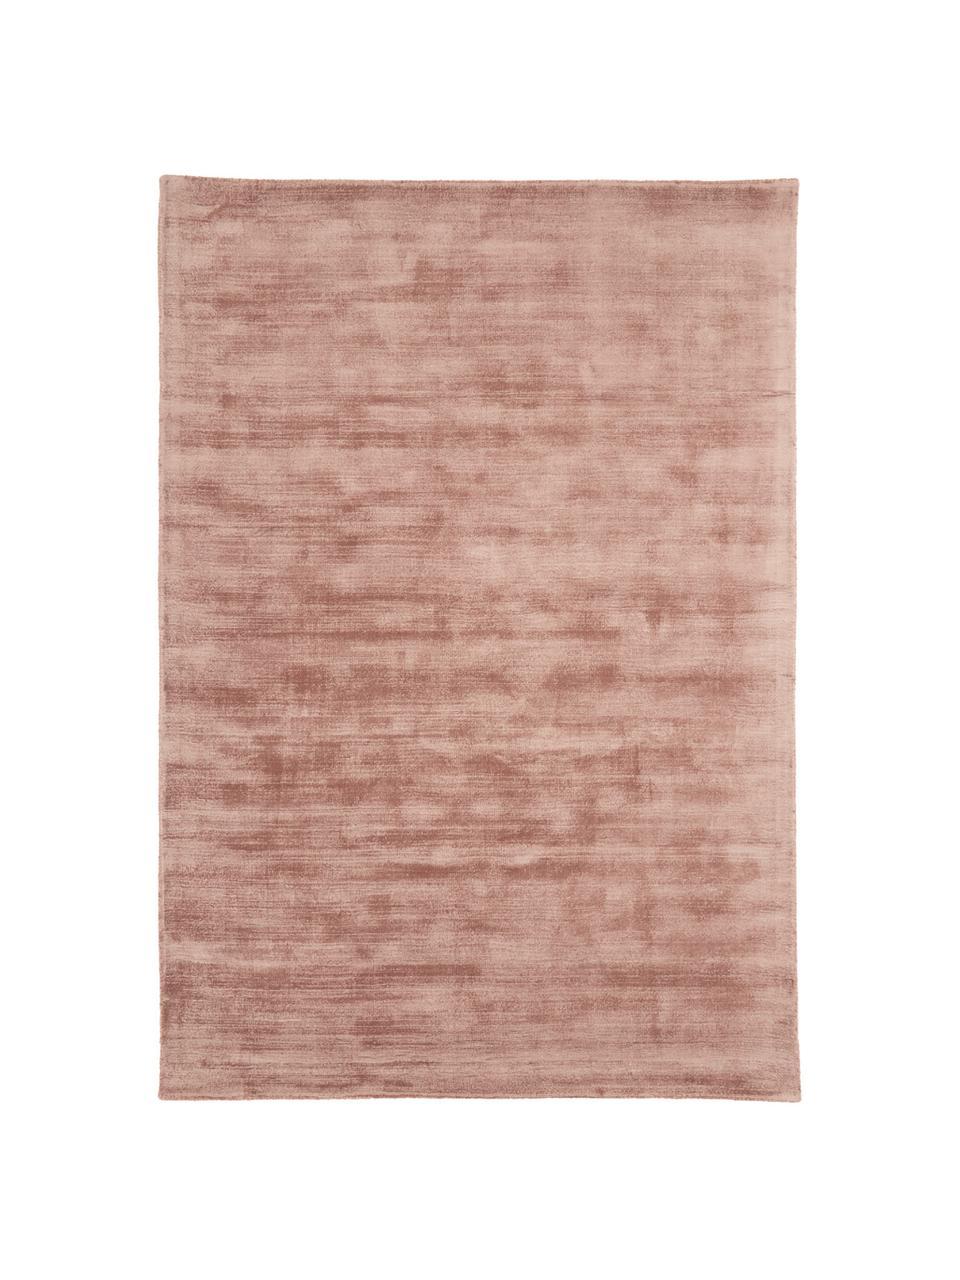 Tappeto in viscosa tessuto a mano Jane, Retro: 100% cotone, Terracotta, Larg. 200 x Lung. 300 cm (taglia L)